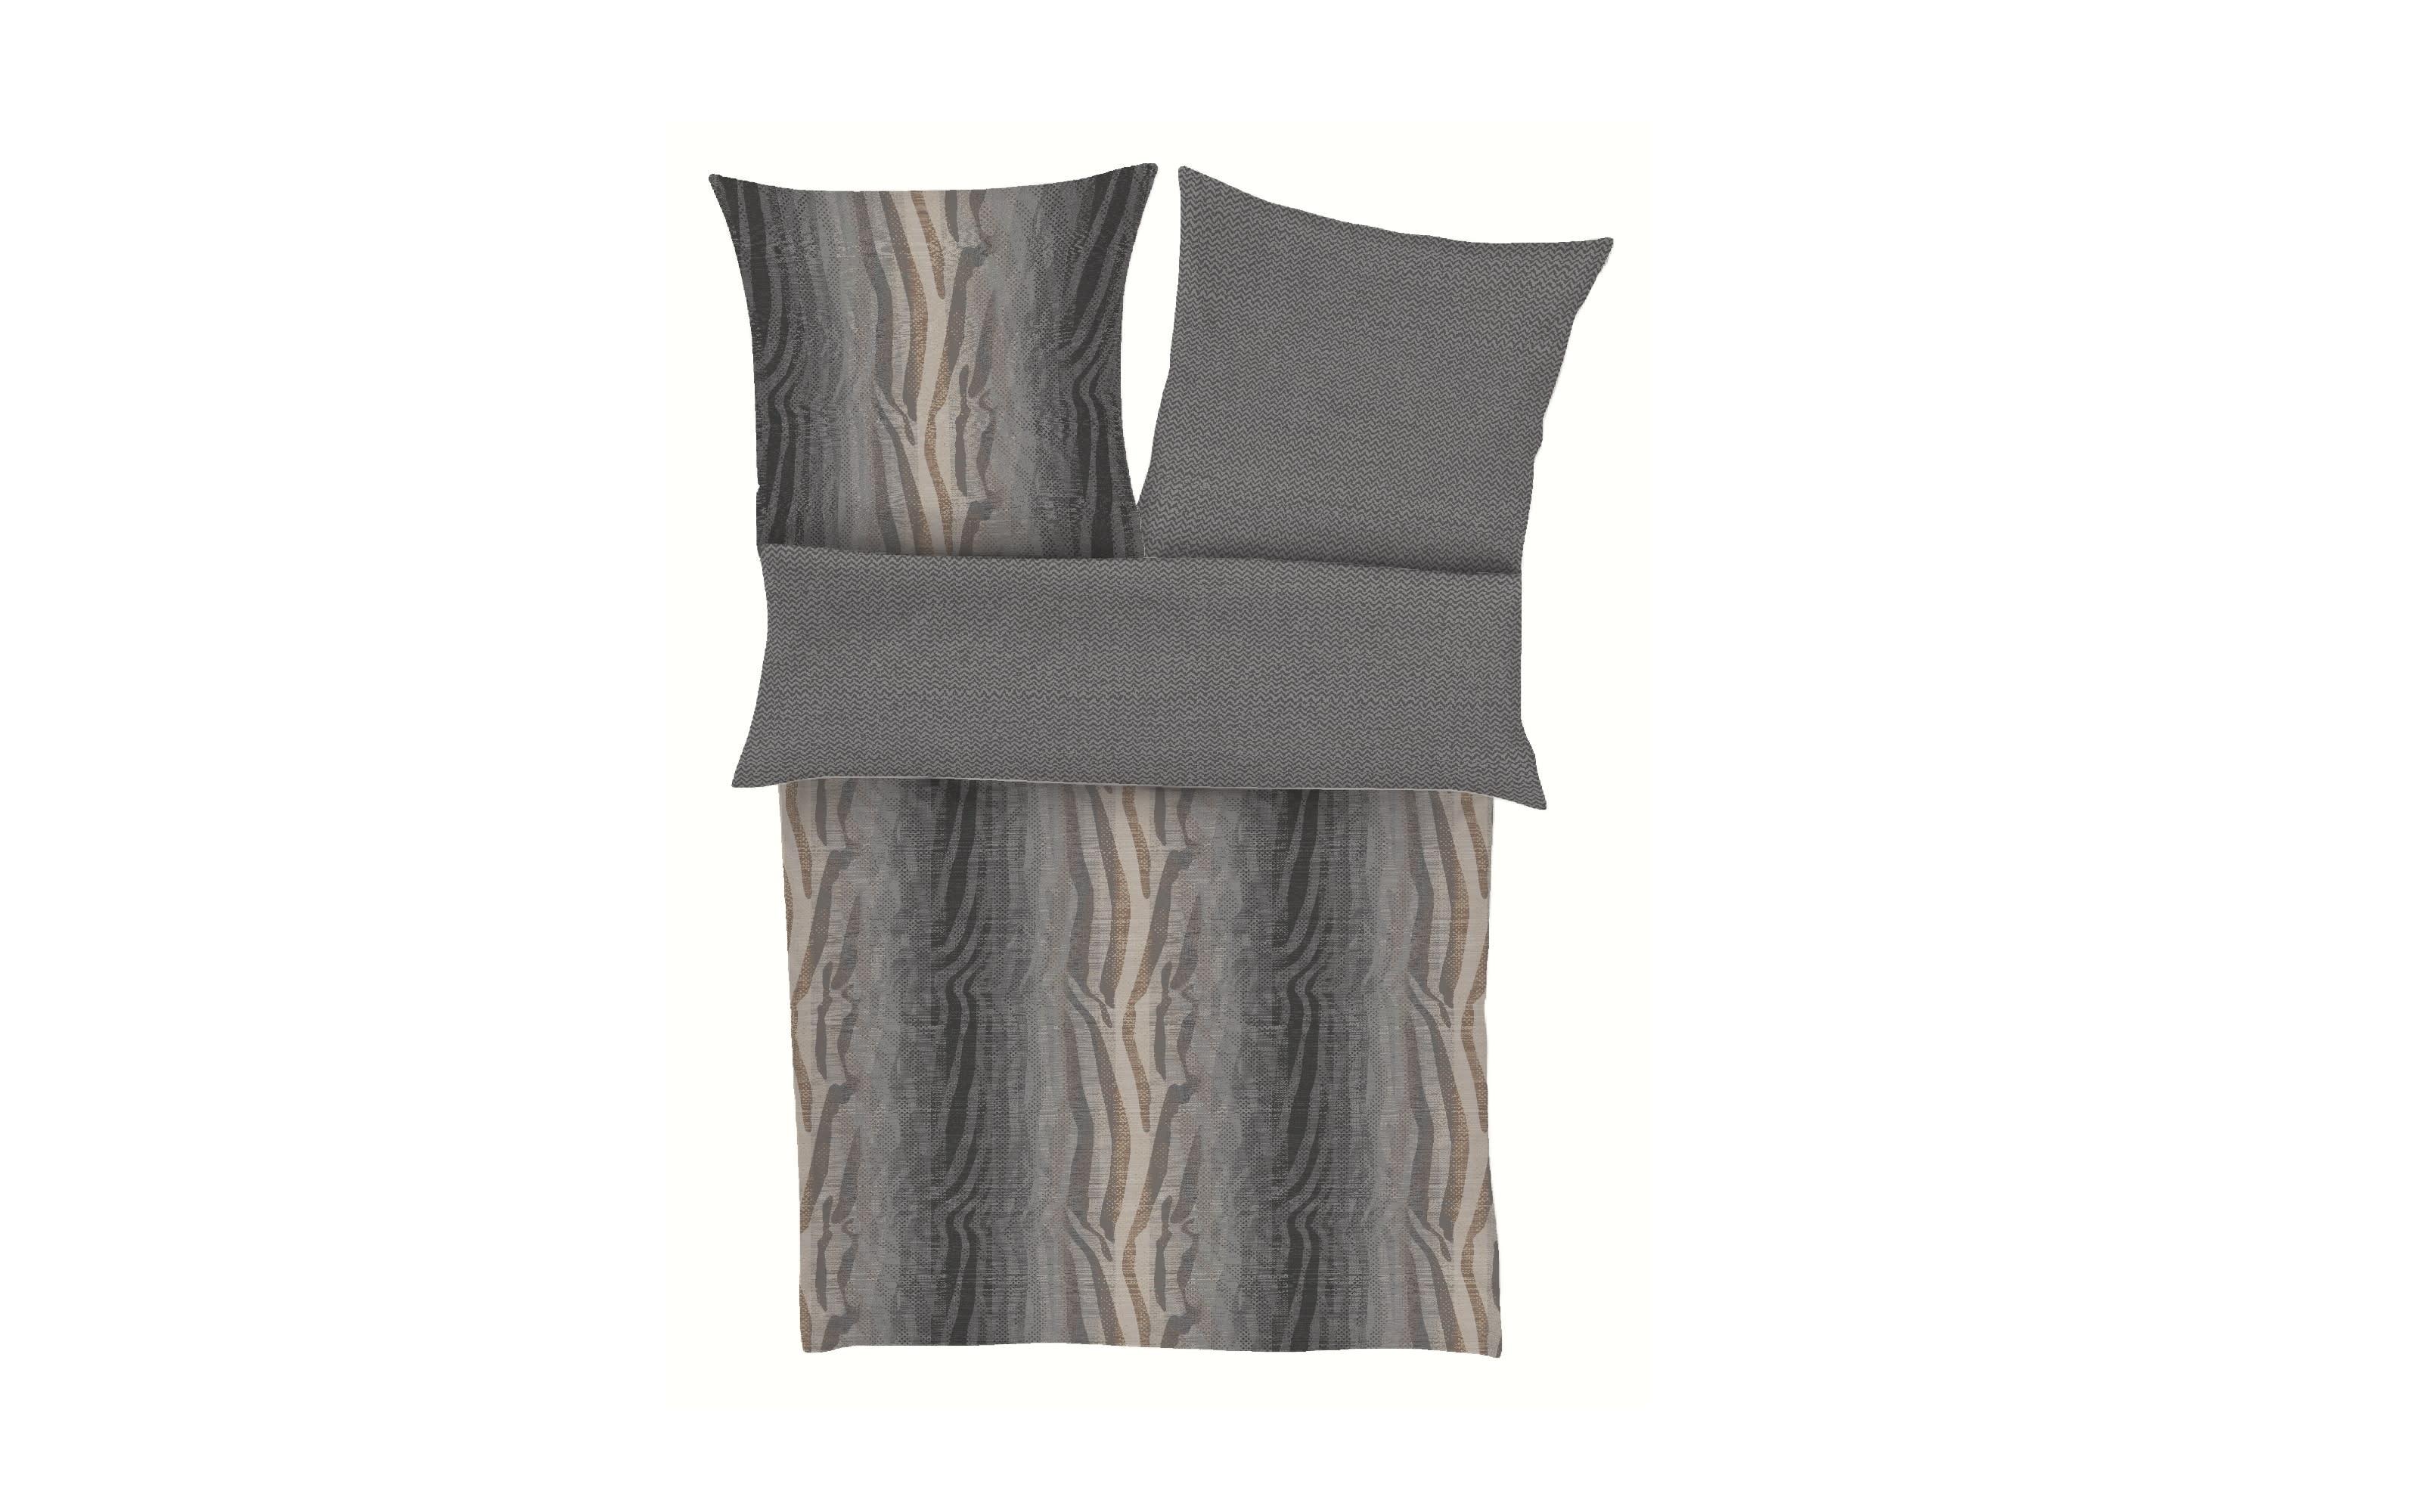 Bettwäsche Satin in grau, 135 x 200 cm